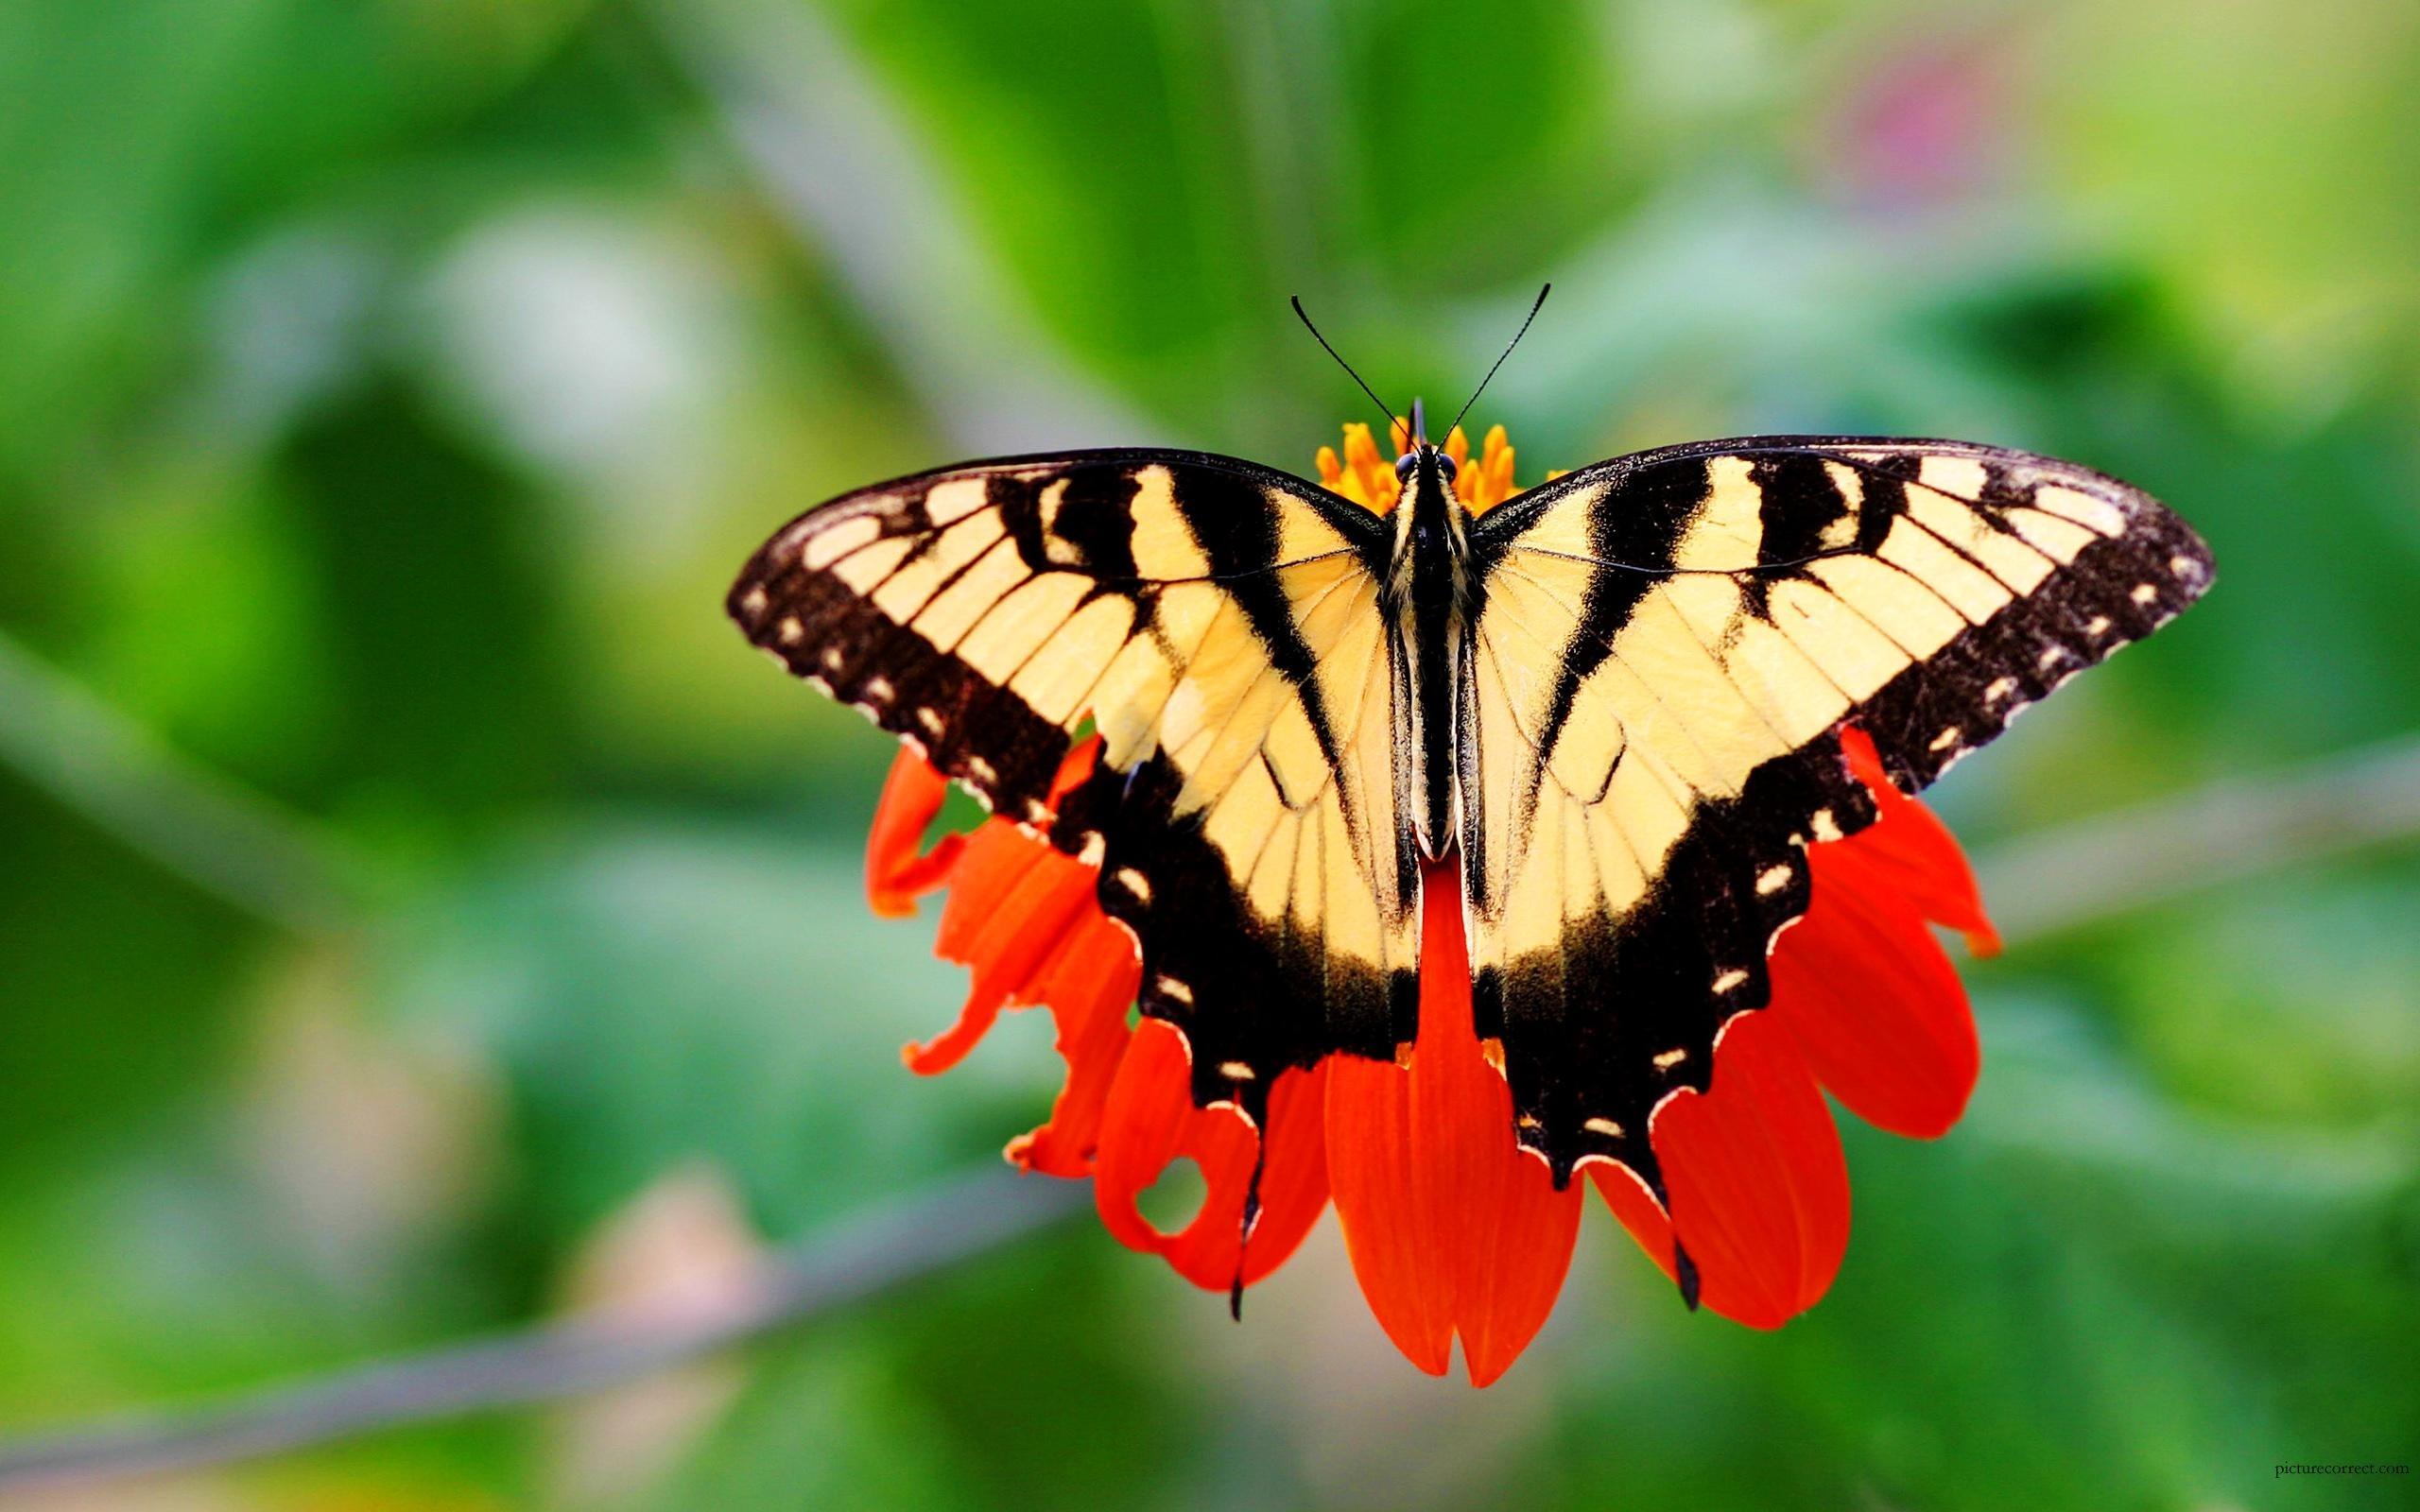 Hermosa mariposa amarilla - 2560x1600